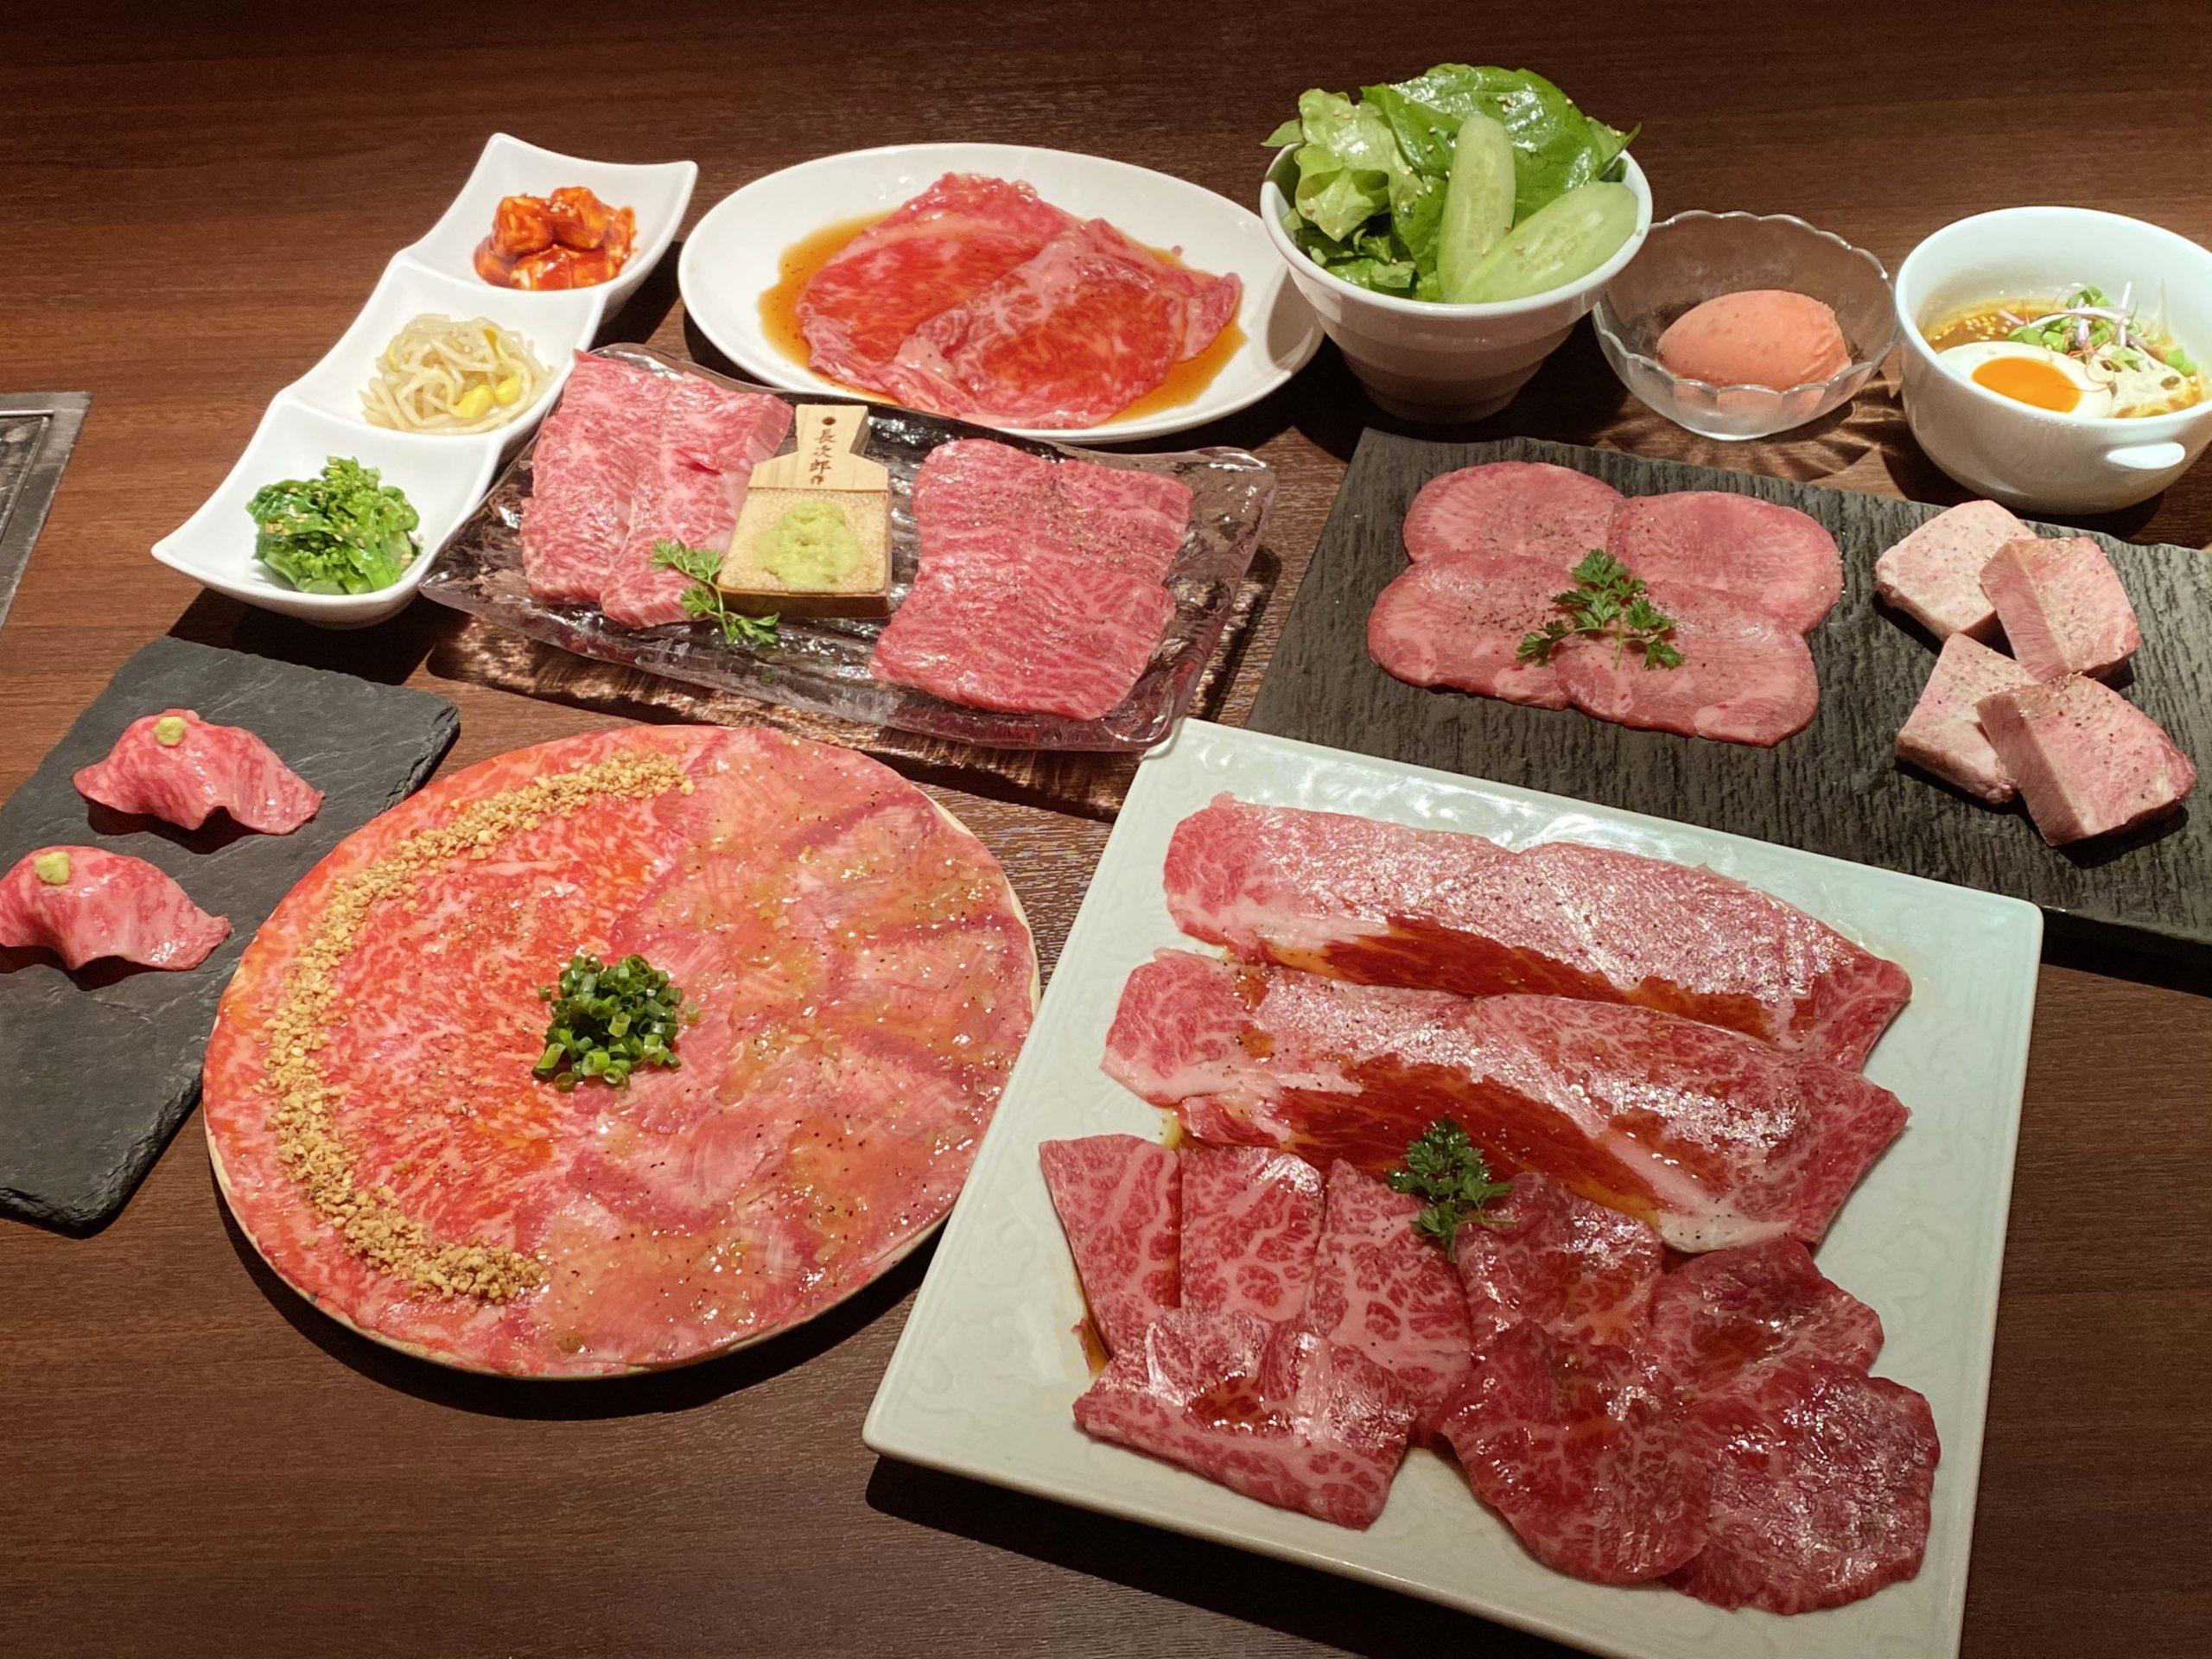 松阪牛・黒毛和牛 食べ比べ<br>コース